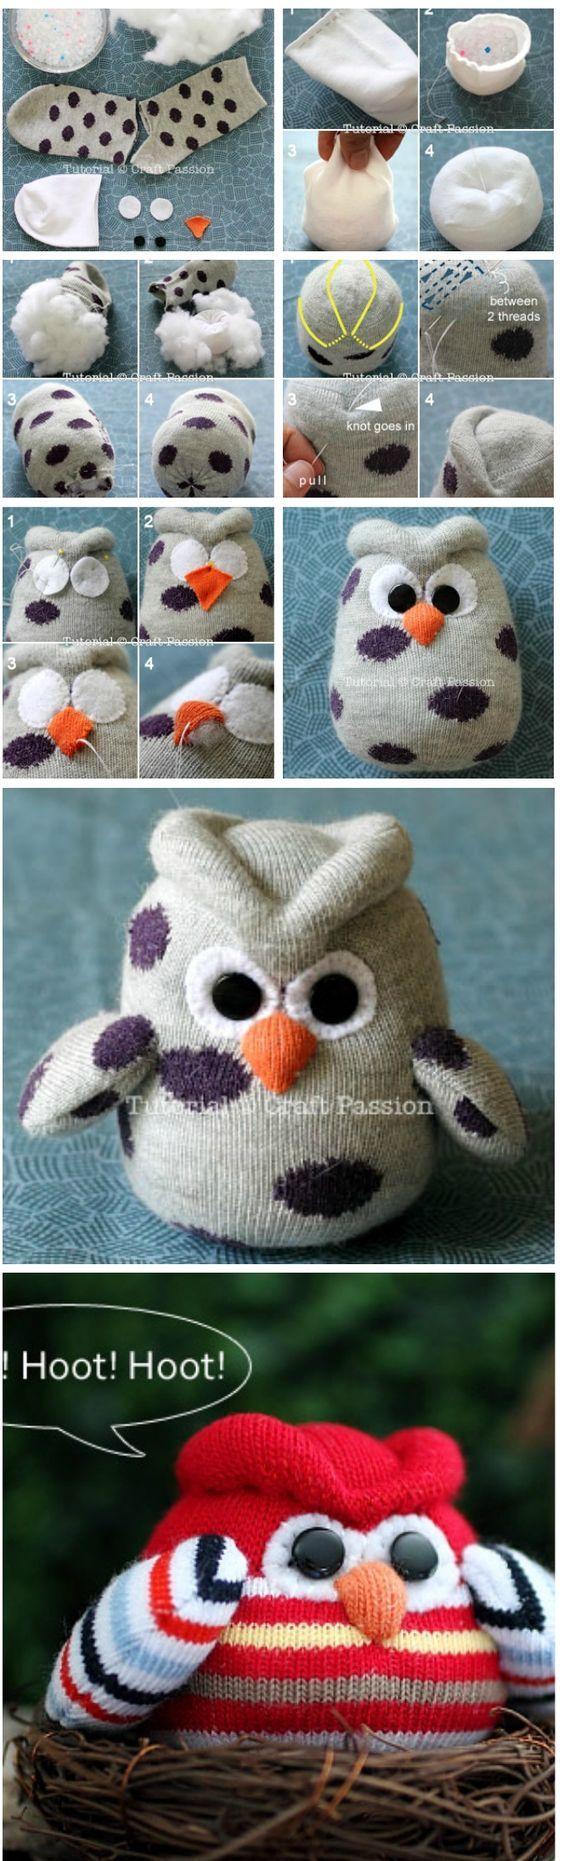 Eine Eule aus einer alten Socke. Das perfekte Geschenk für kleine Geschwister.